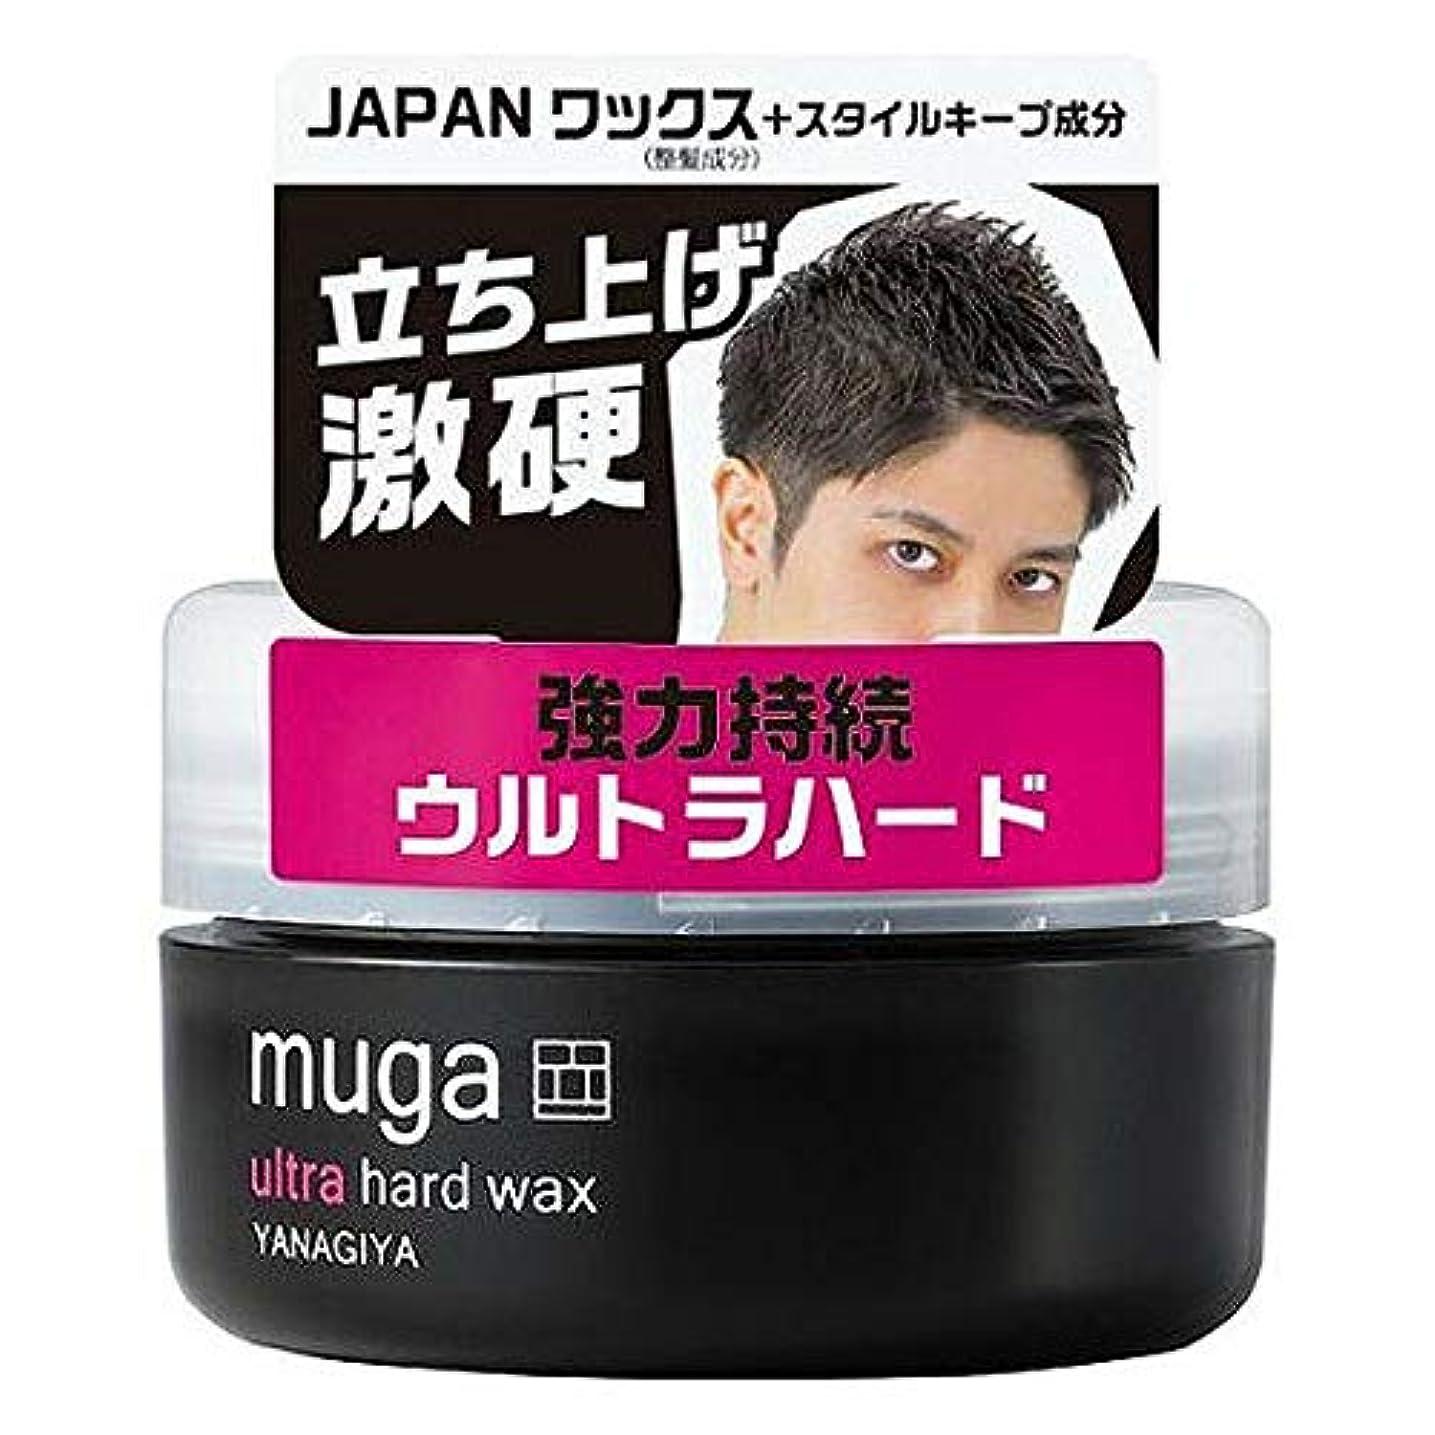 種否認するラウンジ【柳屋本店】MUGA ウルトラハードワックス 85g